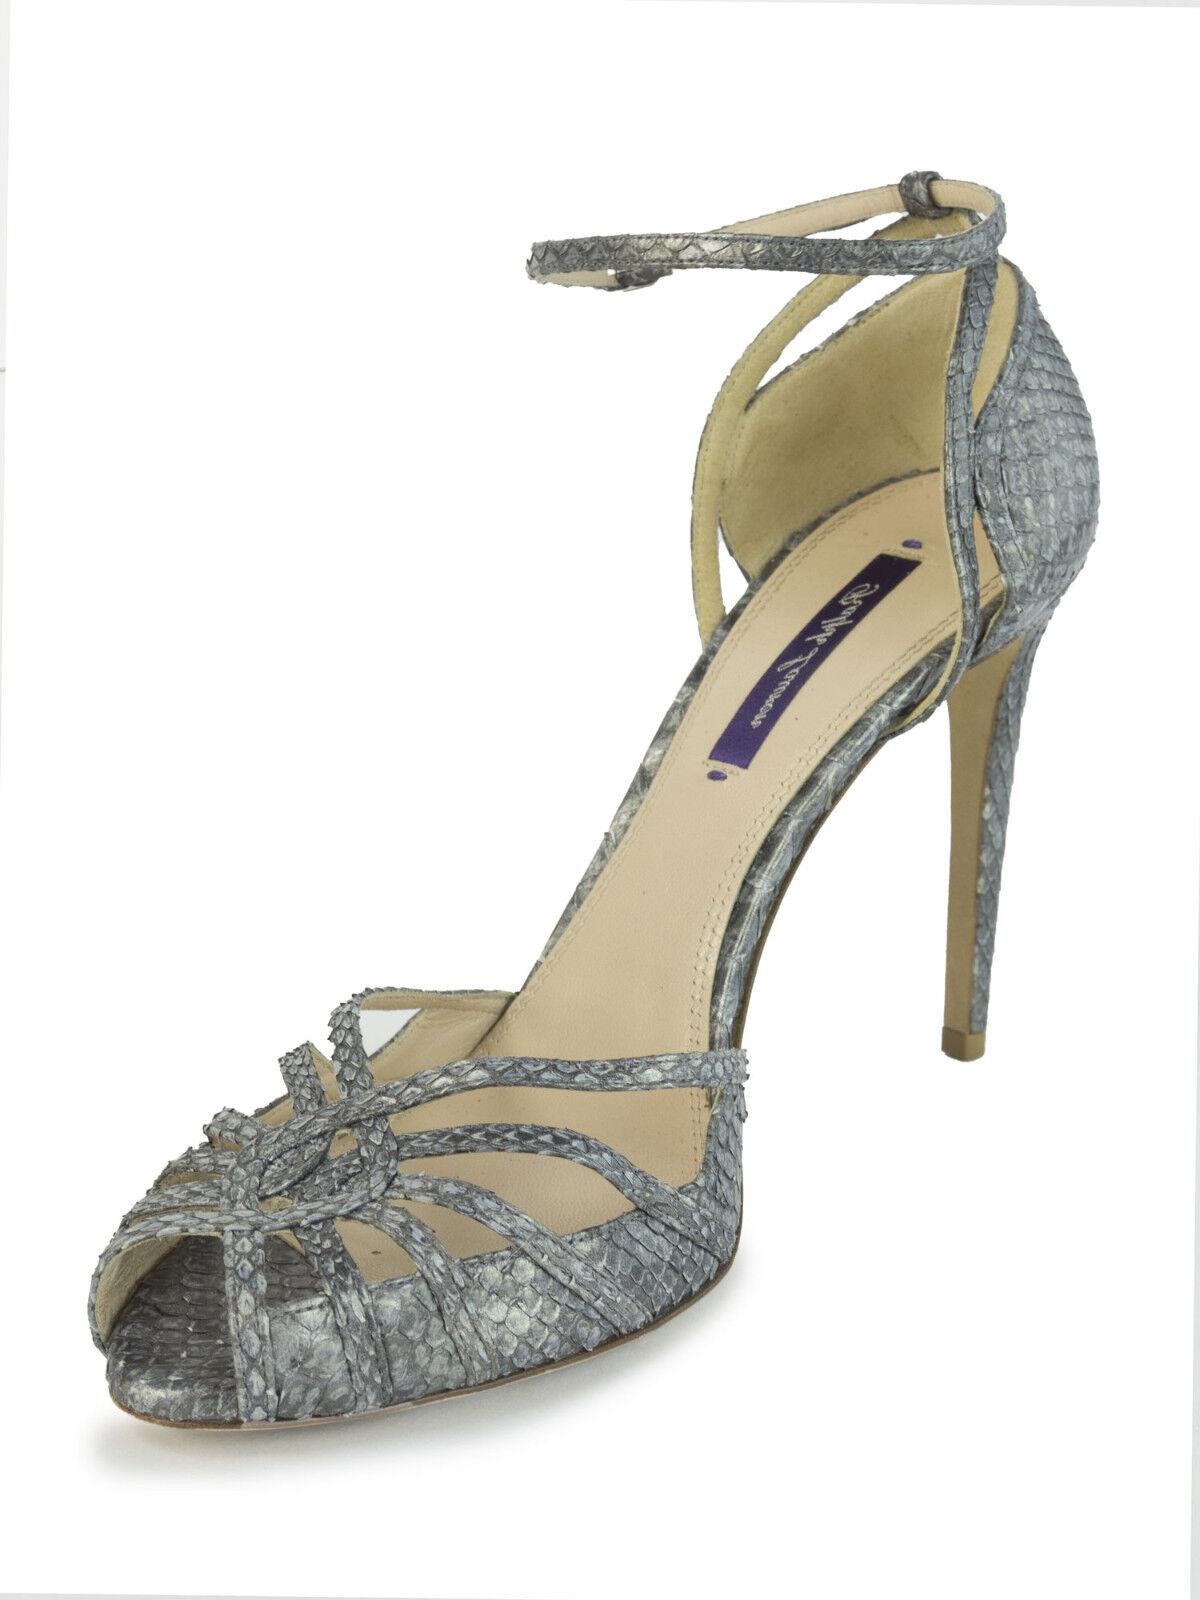 RALPH LAUREN Purple Label Women's Metallic Grey Snakeskin Sandals Sz 10.5  1,250